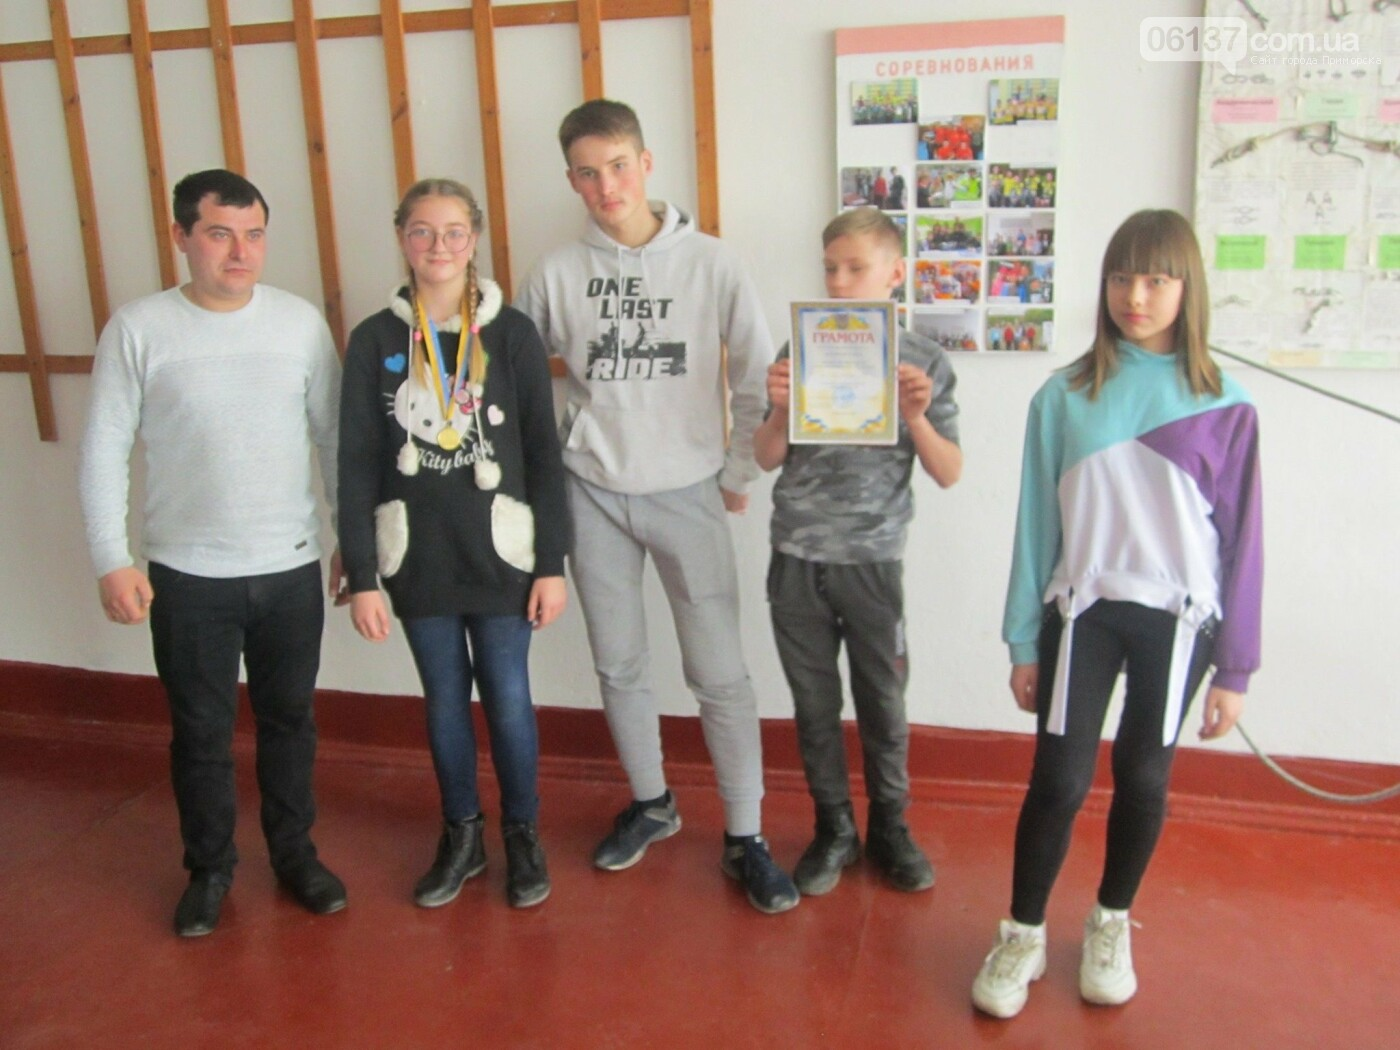 Туристи - оптимісти провели конкурс  в'язання вузлів між школами Приморської ОТГ, фото-2